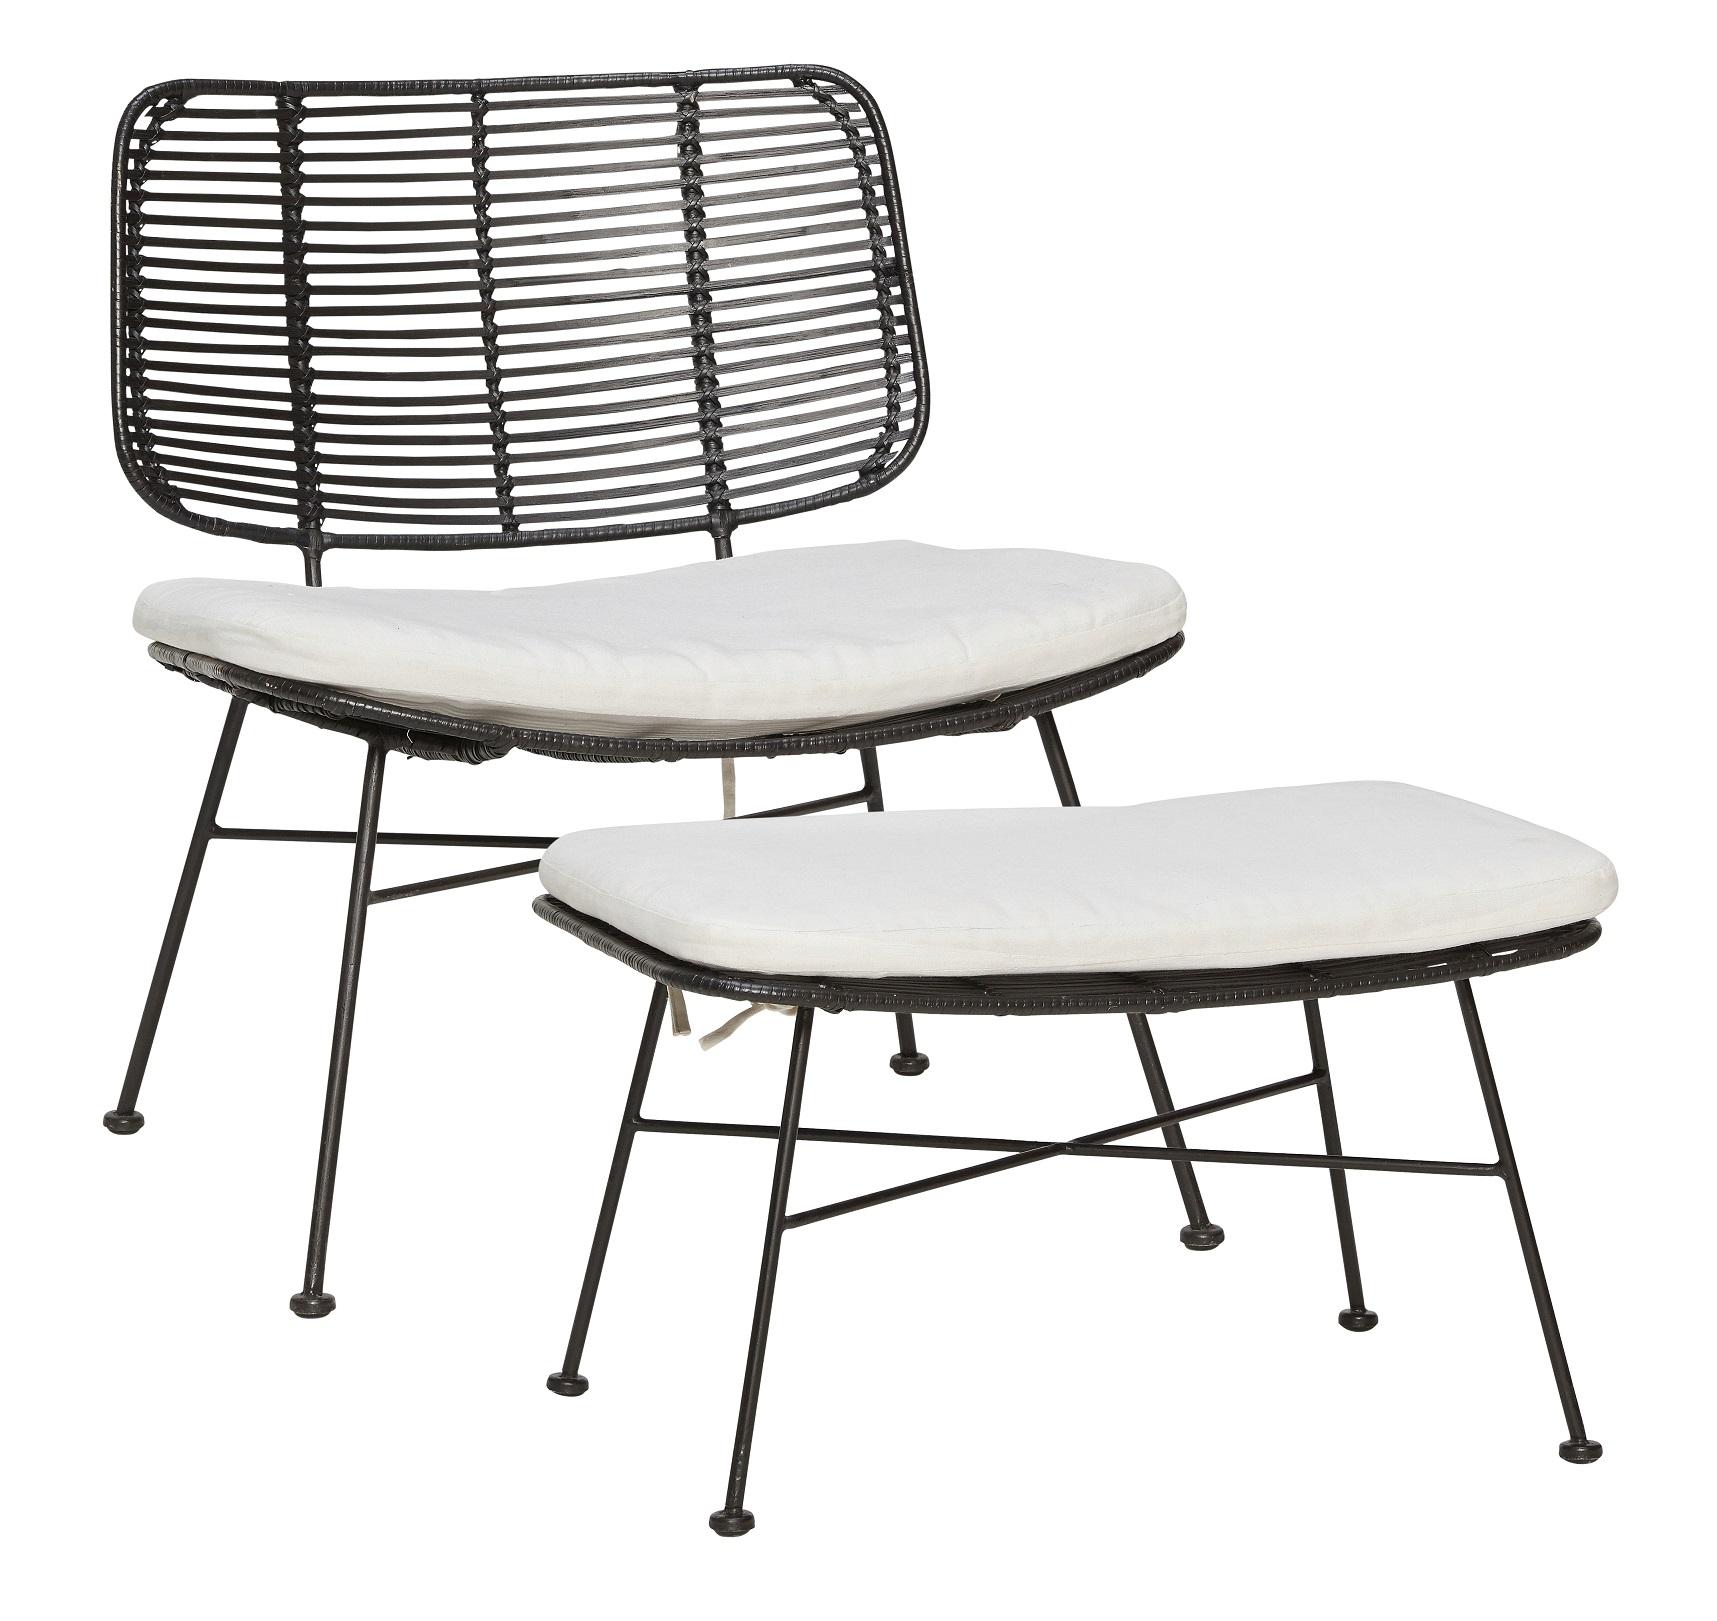 Lounge stol inkl fotpall och dynor